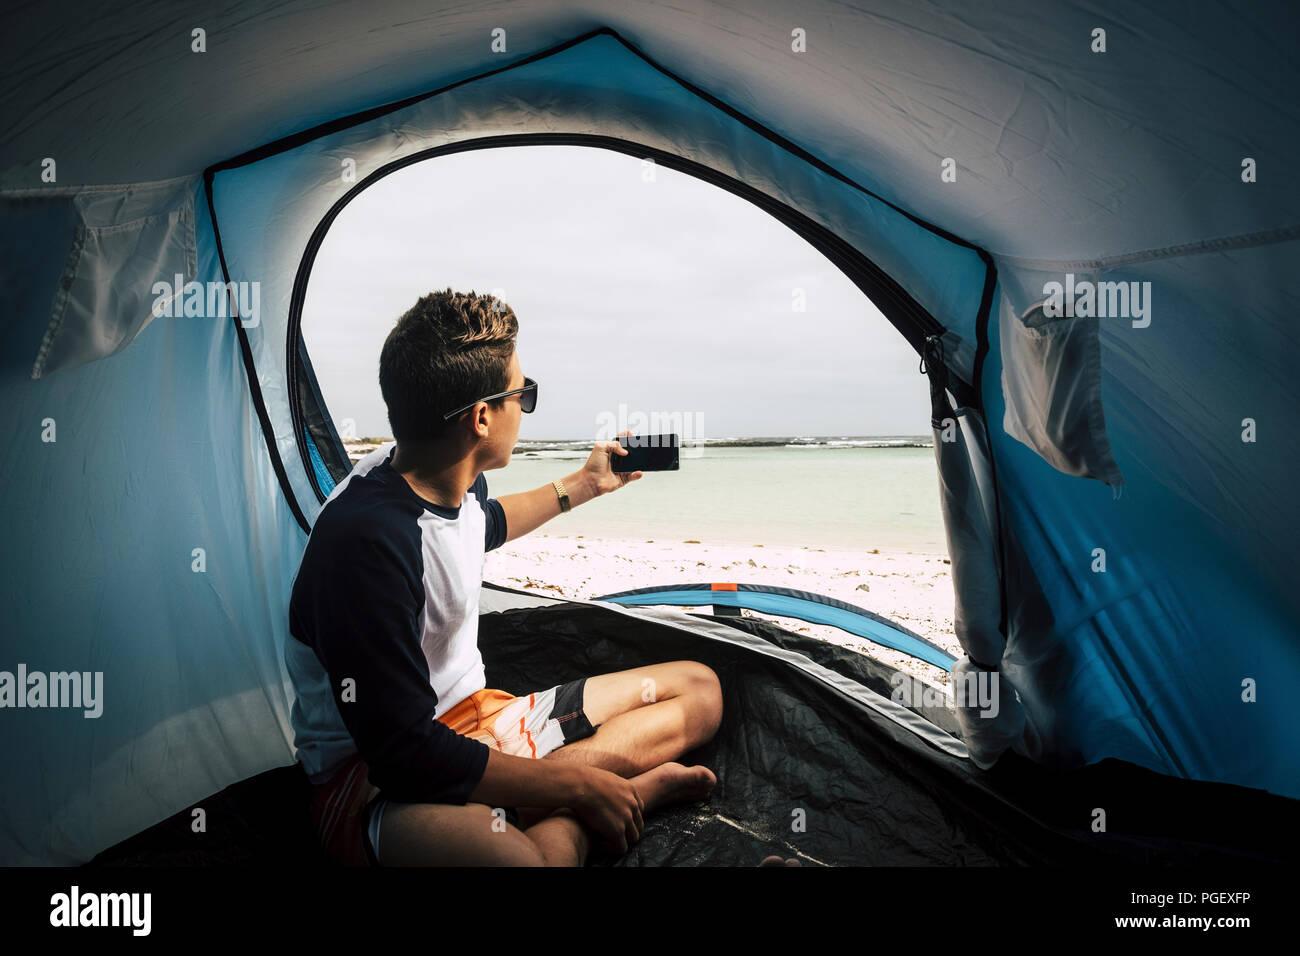 Joven guapo muchacho camp directamente sobre la blanca playa de paraíso tropical lugar islas. desde la puerta de la tienda de tomar una fotografía con el teléfono. Imagen De Stock